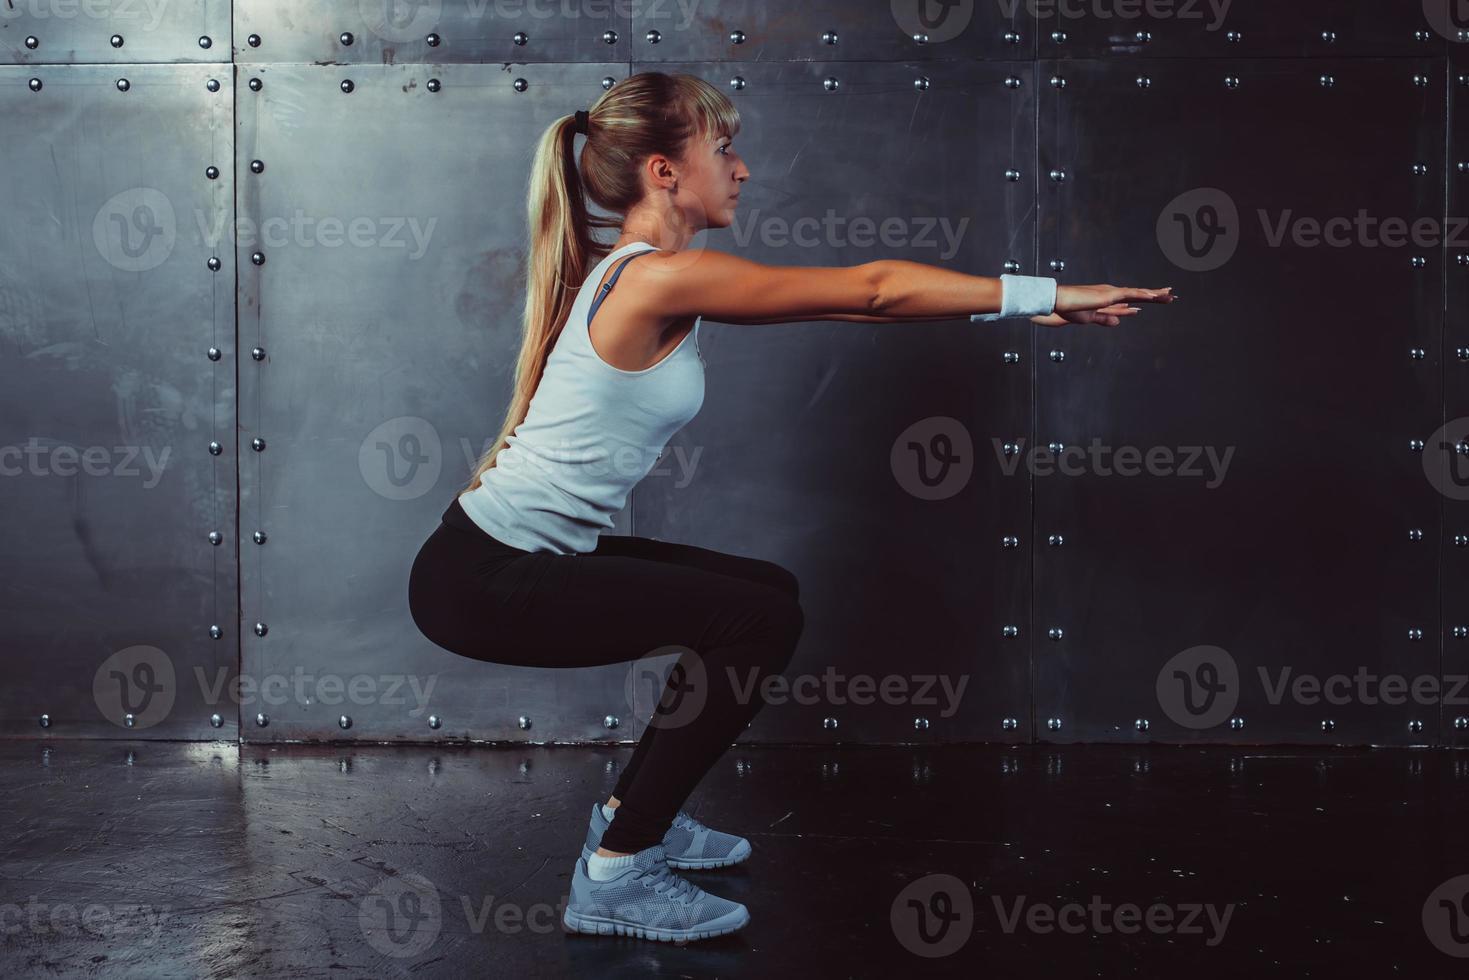 modello di fitness atletico giovane donna riscaldando facendo esercizio di squat foto